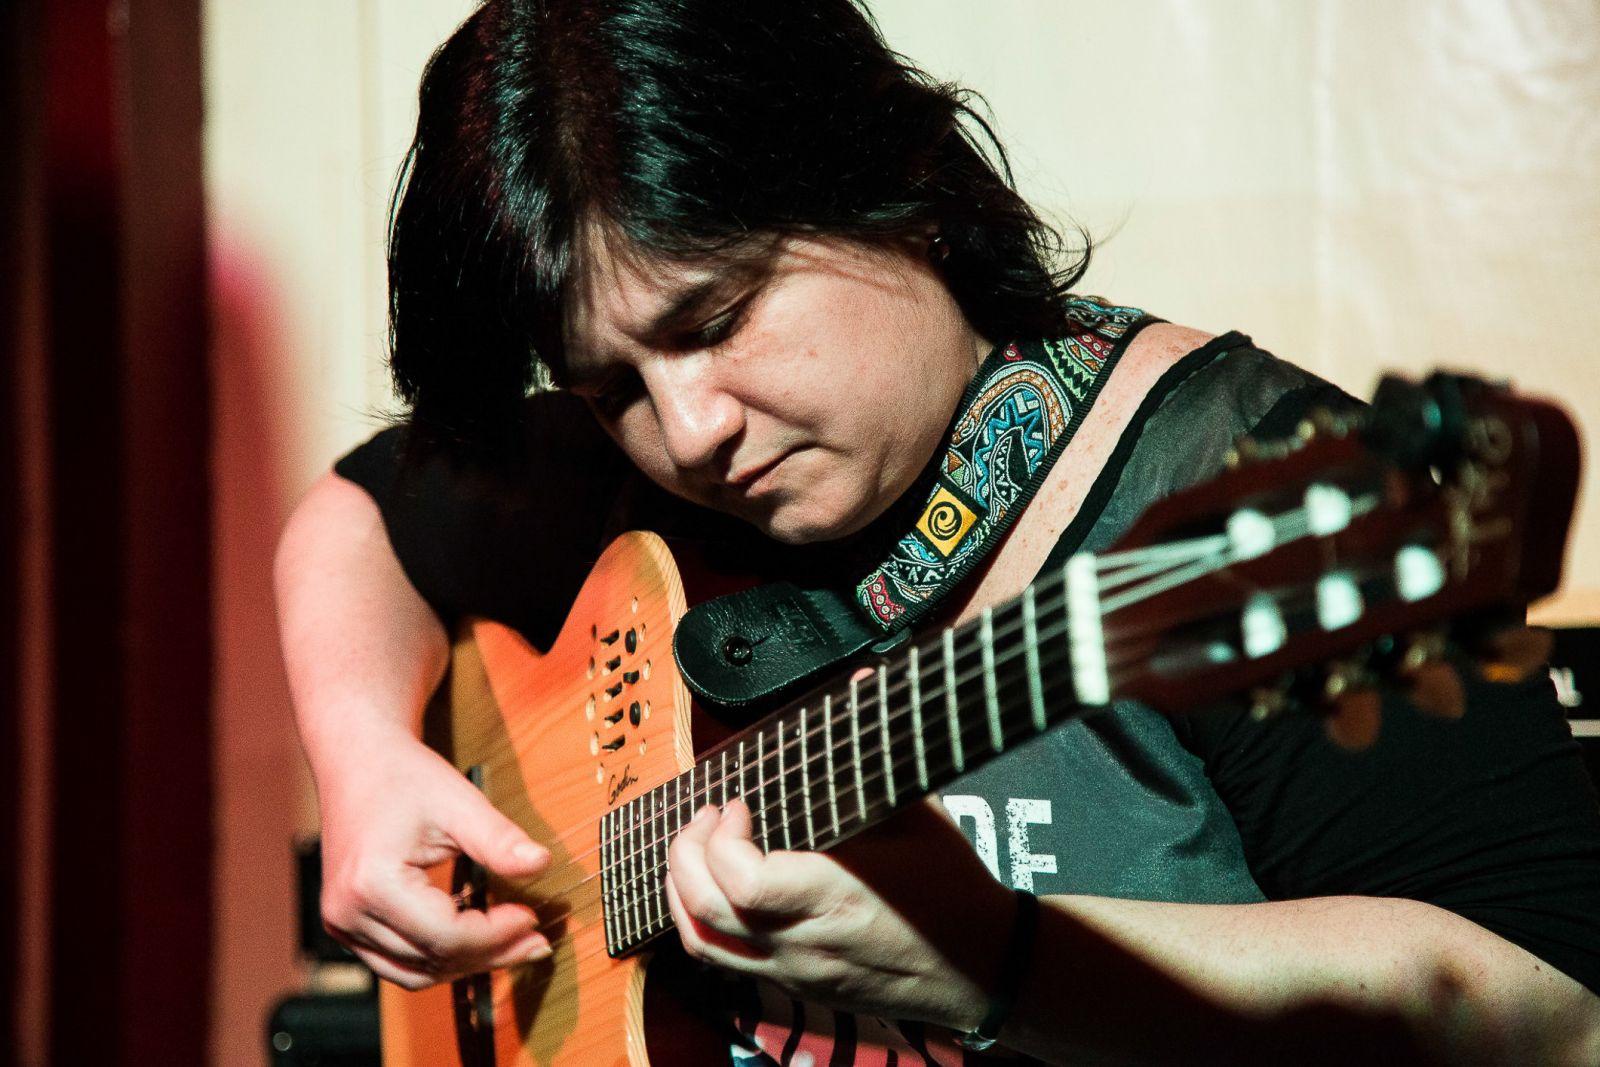 Mostra reúne 67 mulheres violonistas neste fim de semana - foto Andrea Perrone